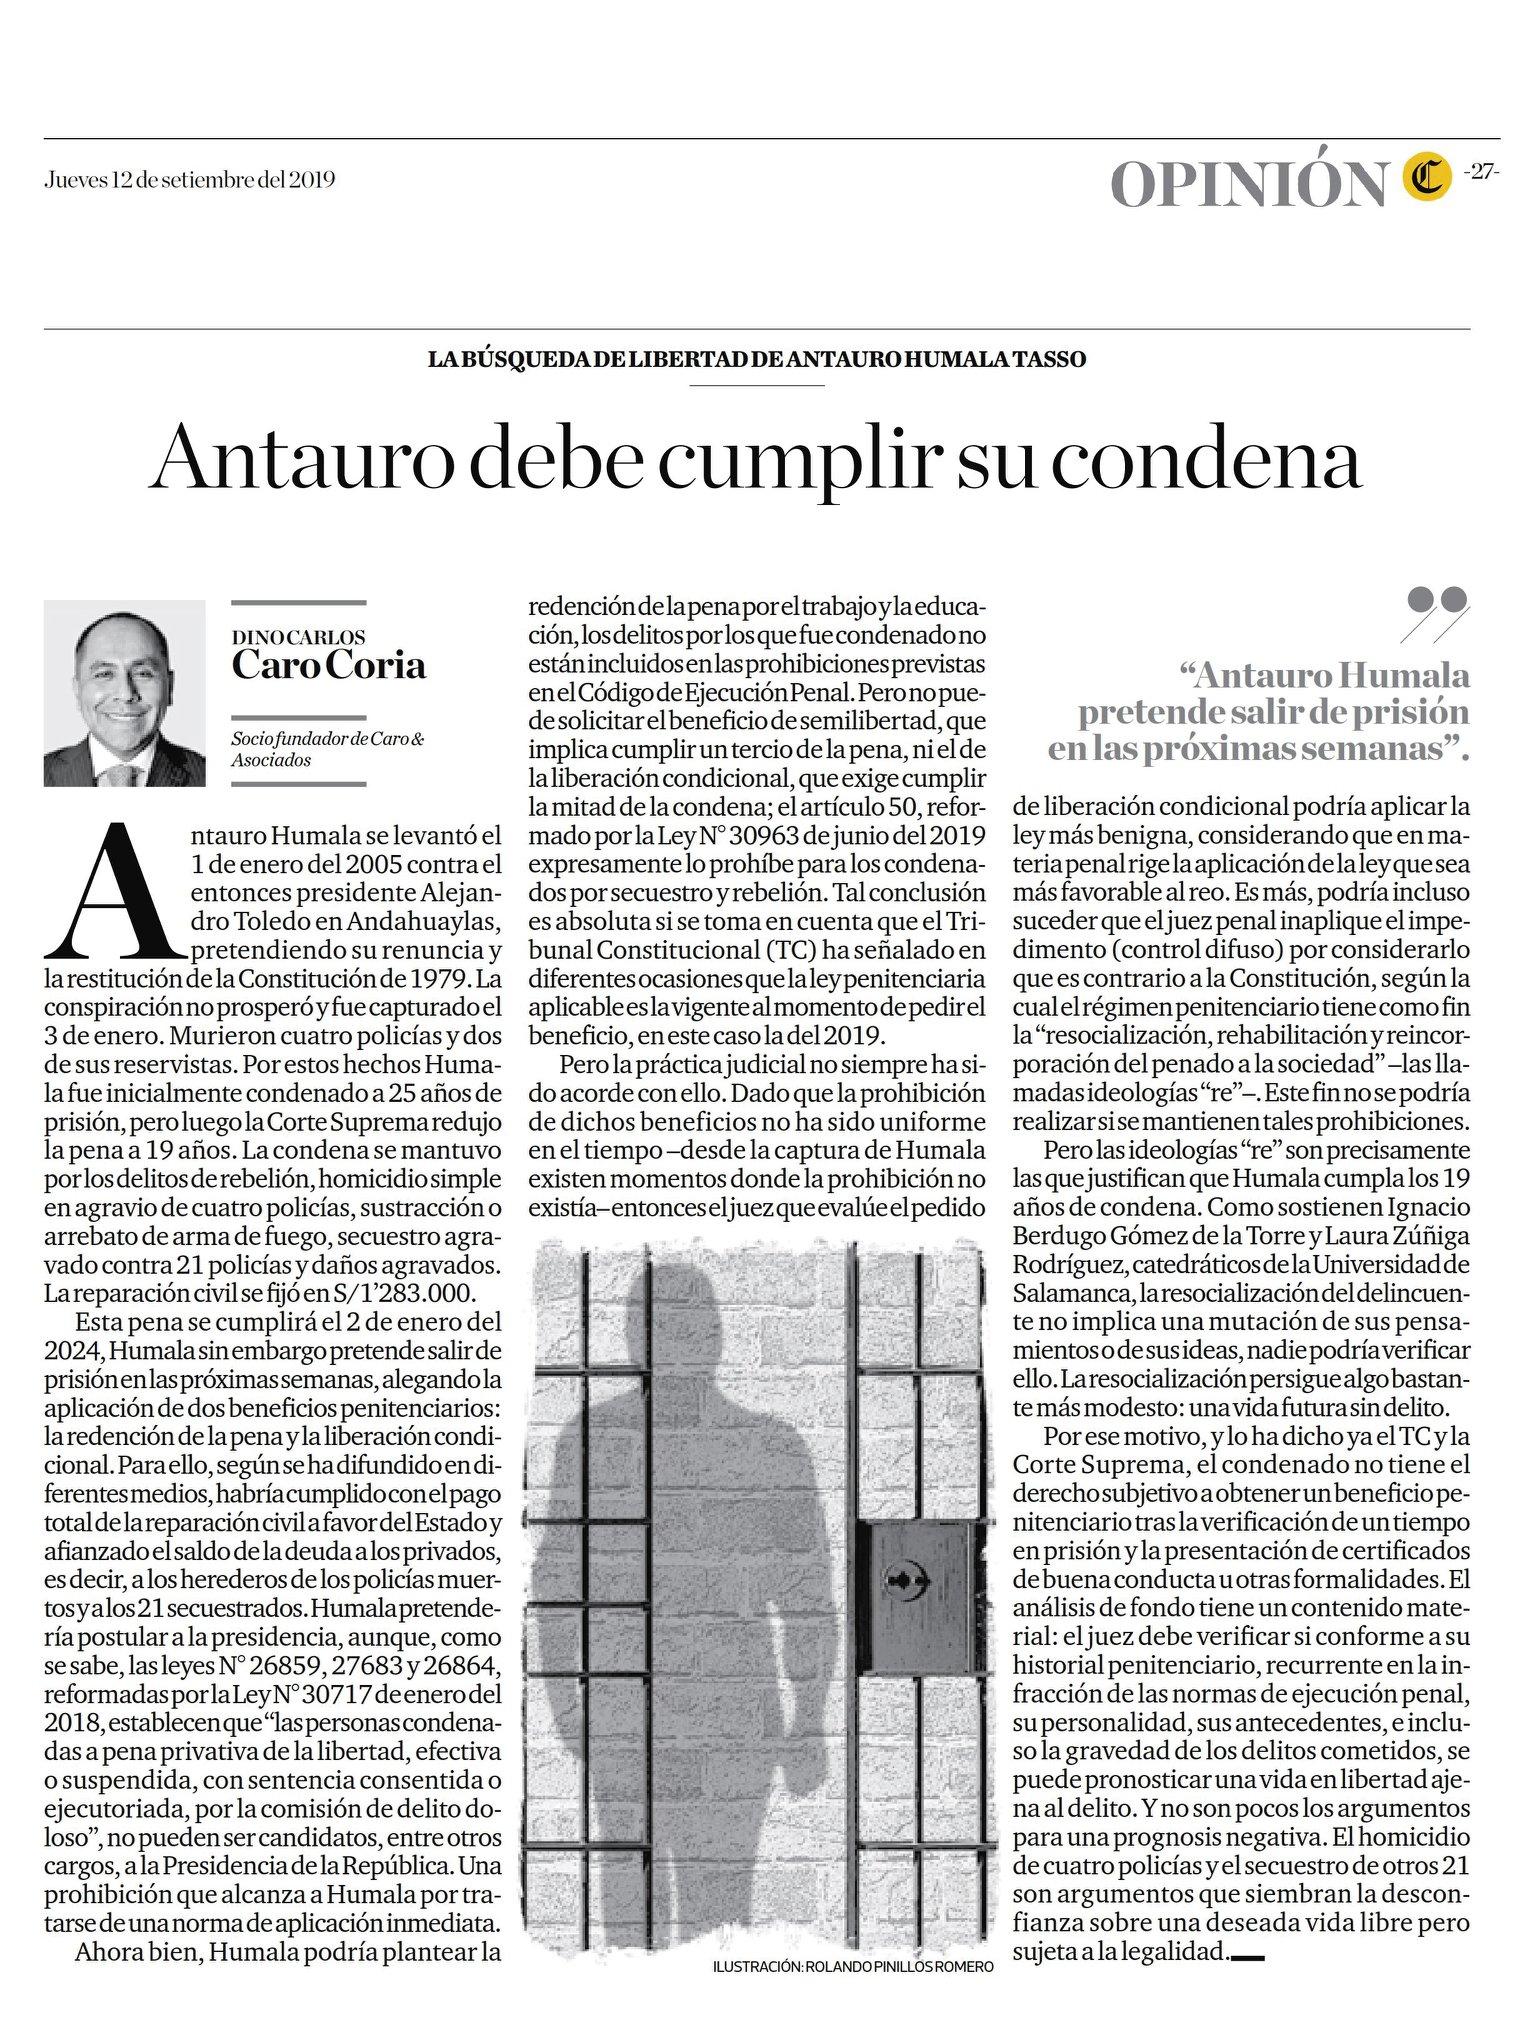 La Posibilidad De Que Antauro Humala Pueda Salir De Prisión, Bajo El Beneficio De La Libertad Condicional.